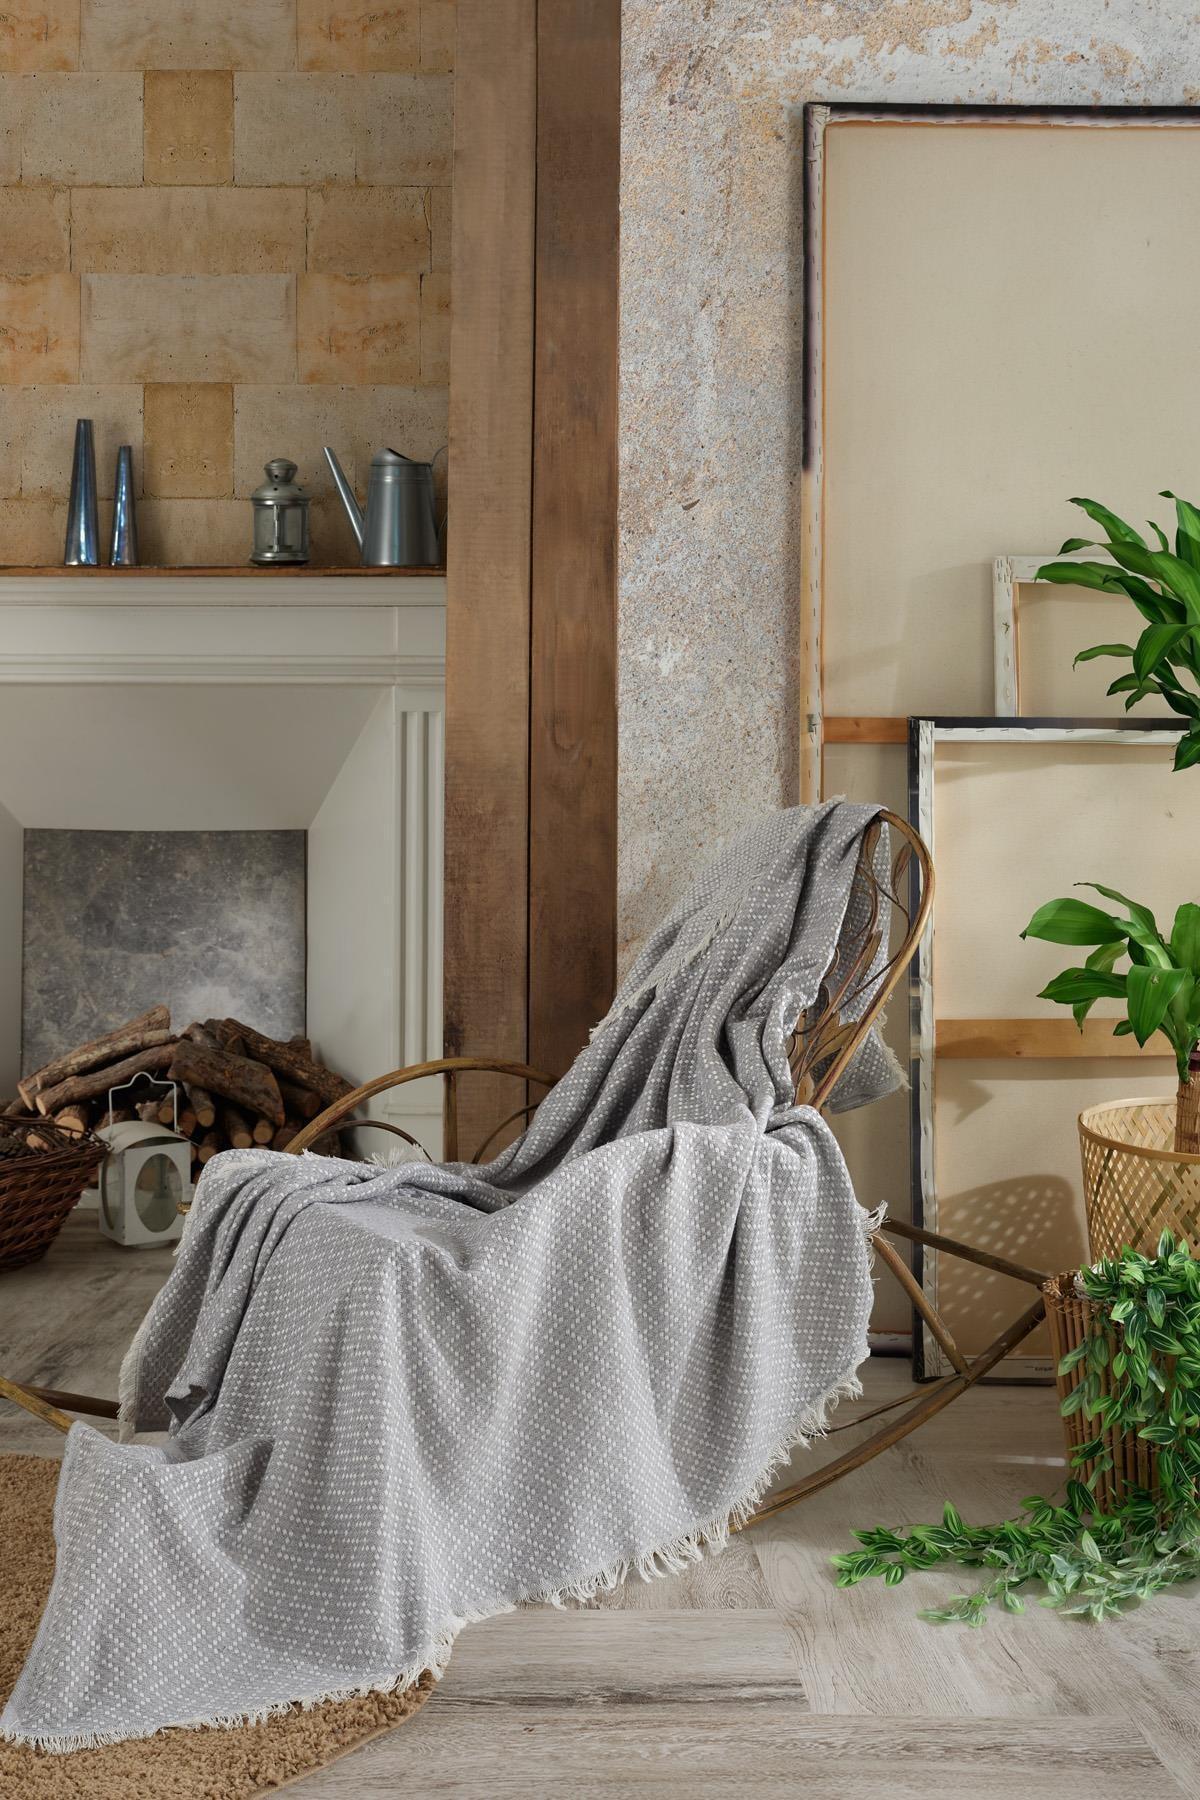 غطاء مقعد من الكتان الطبيعي | نول أريكة أسود منسوج